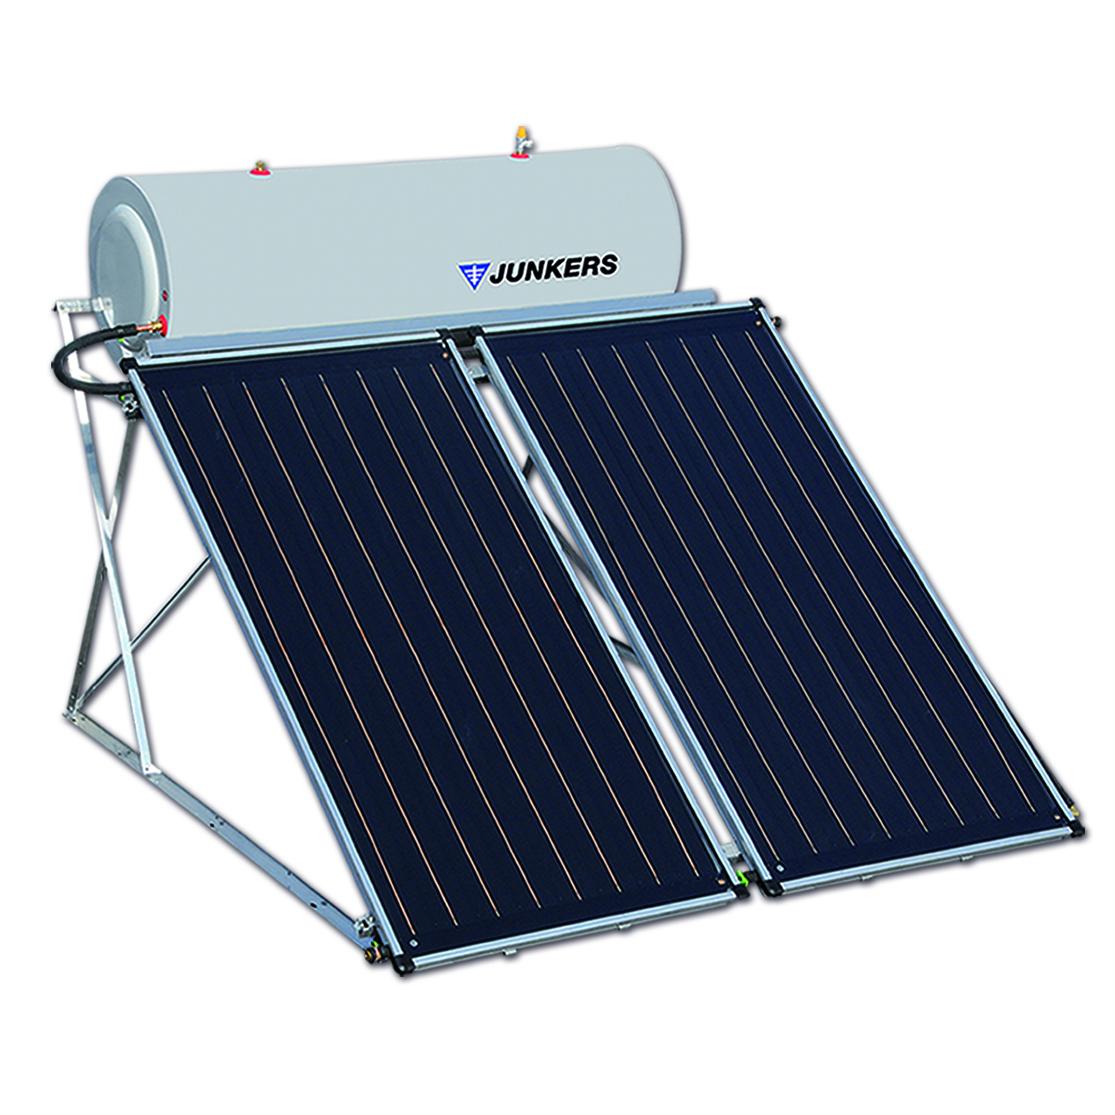 Chauffe eau solaire 200l-